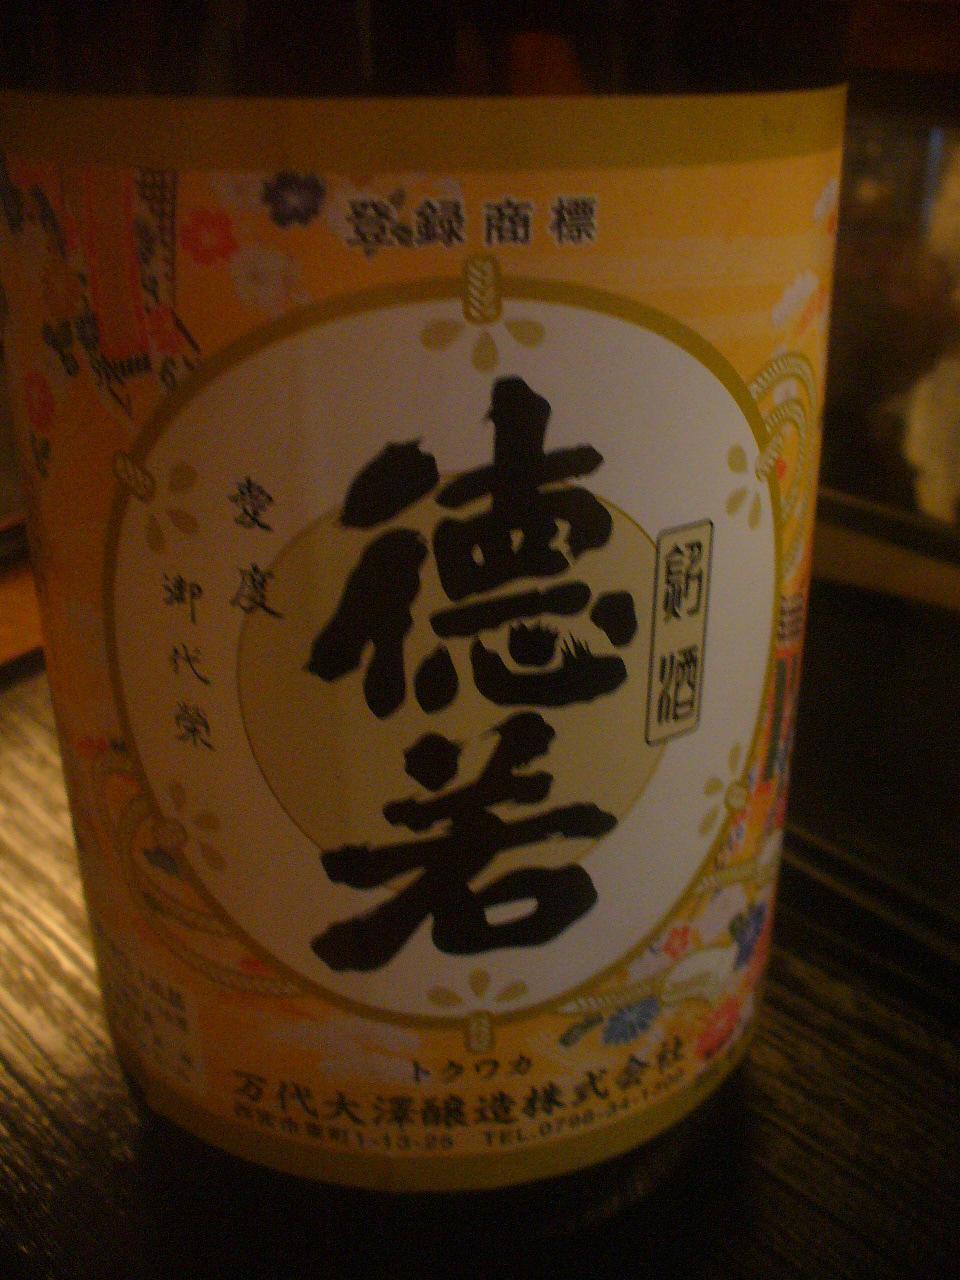 新橋居酒屋「かっぱ」でマニアック灘酒「徳若」に出会う。_c0061686_19204187.jpg